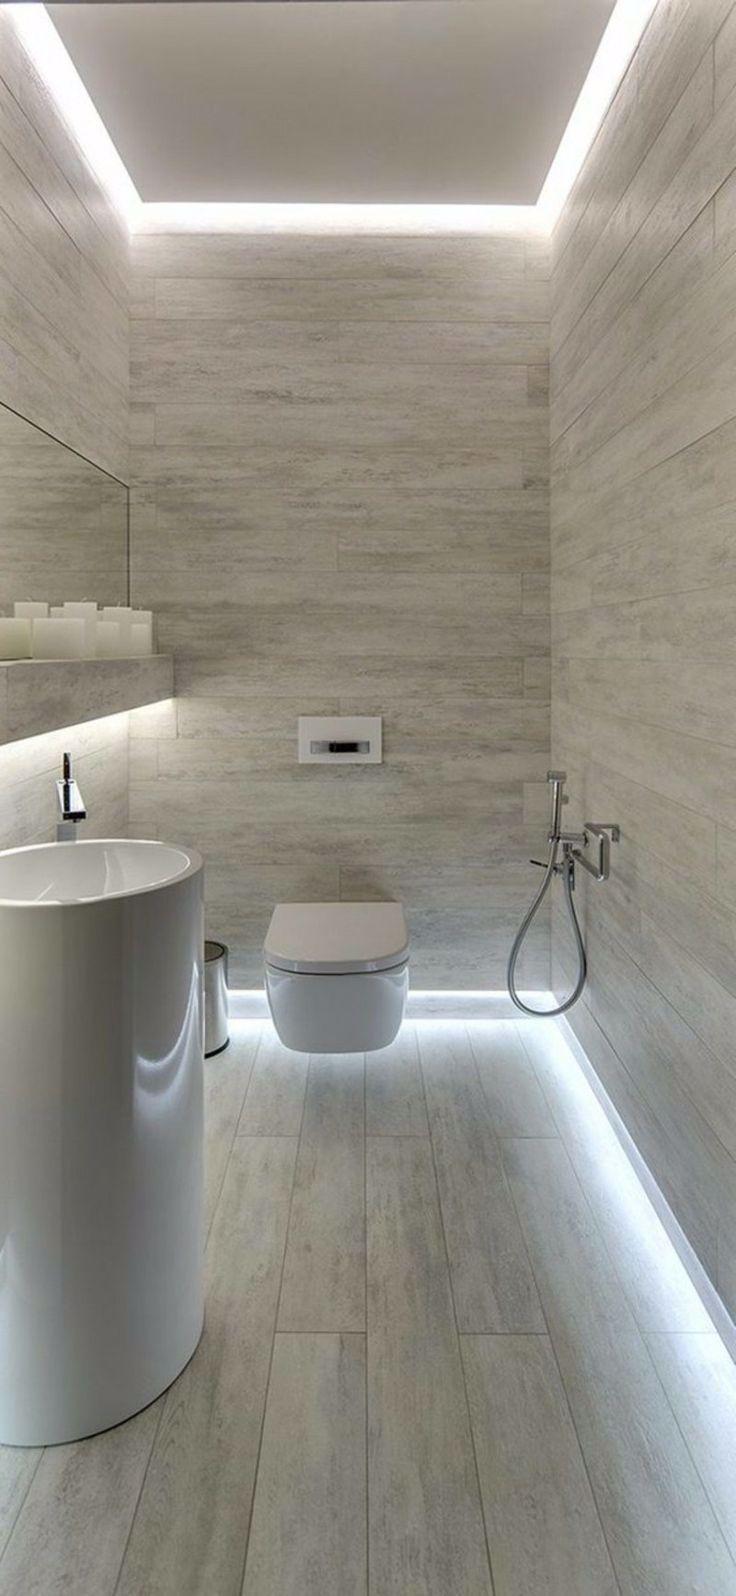 Indirekte Beleuchtung Led Bad Arbeitsplatte Bad Beleuchtung Indirekte Led In 2020 Modern Bathroom Design Modern Bathroom Bathroom Ceiling Light